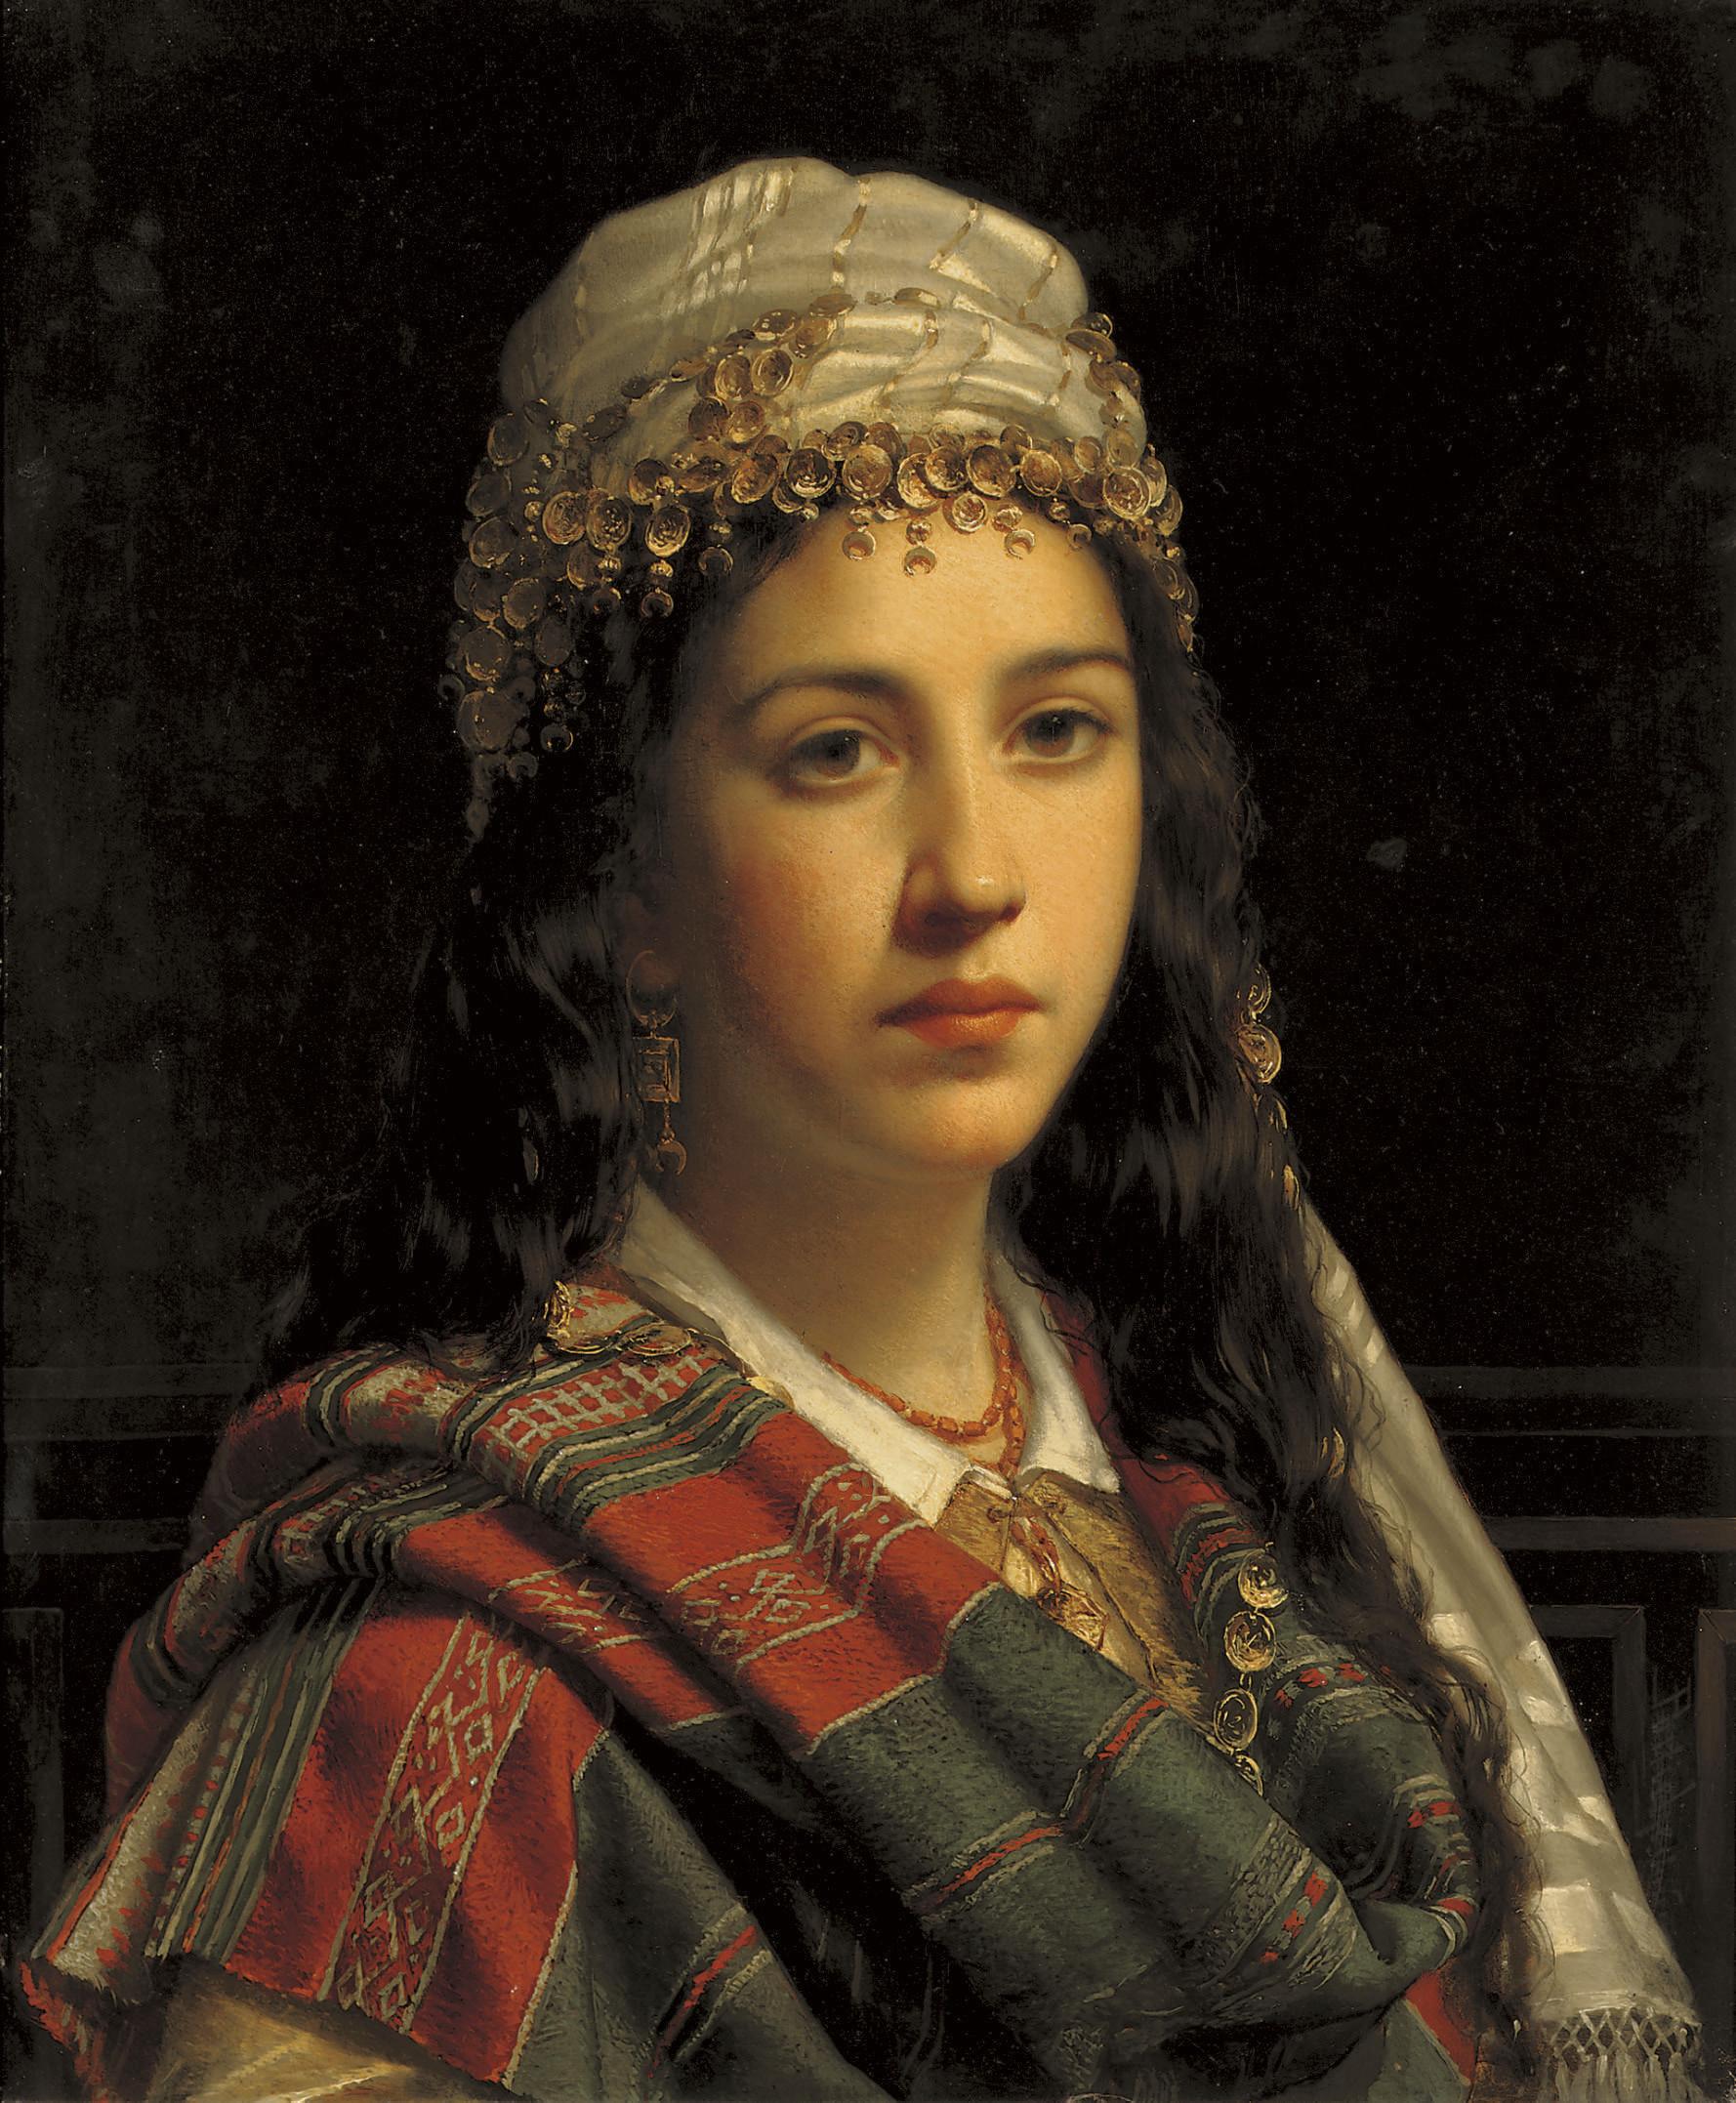 An elegant gypsy